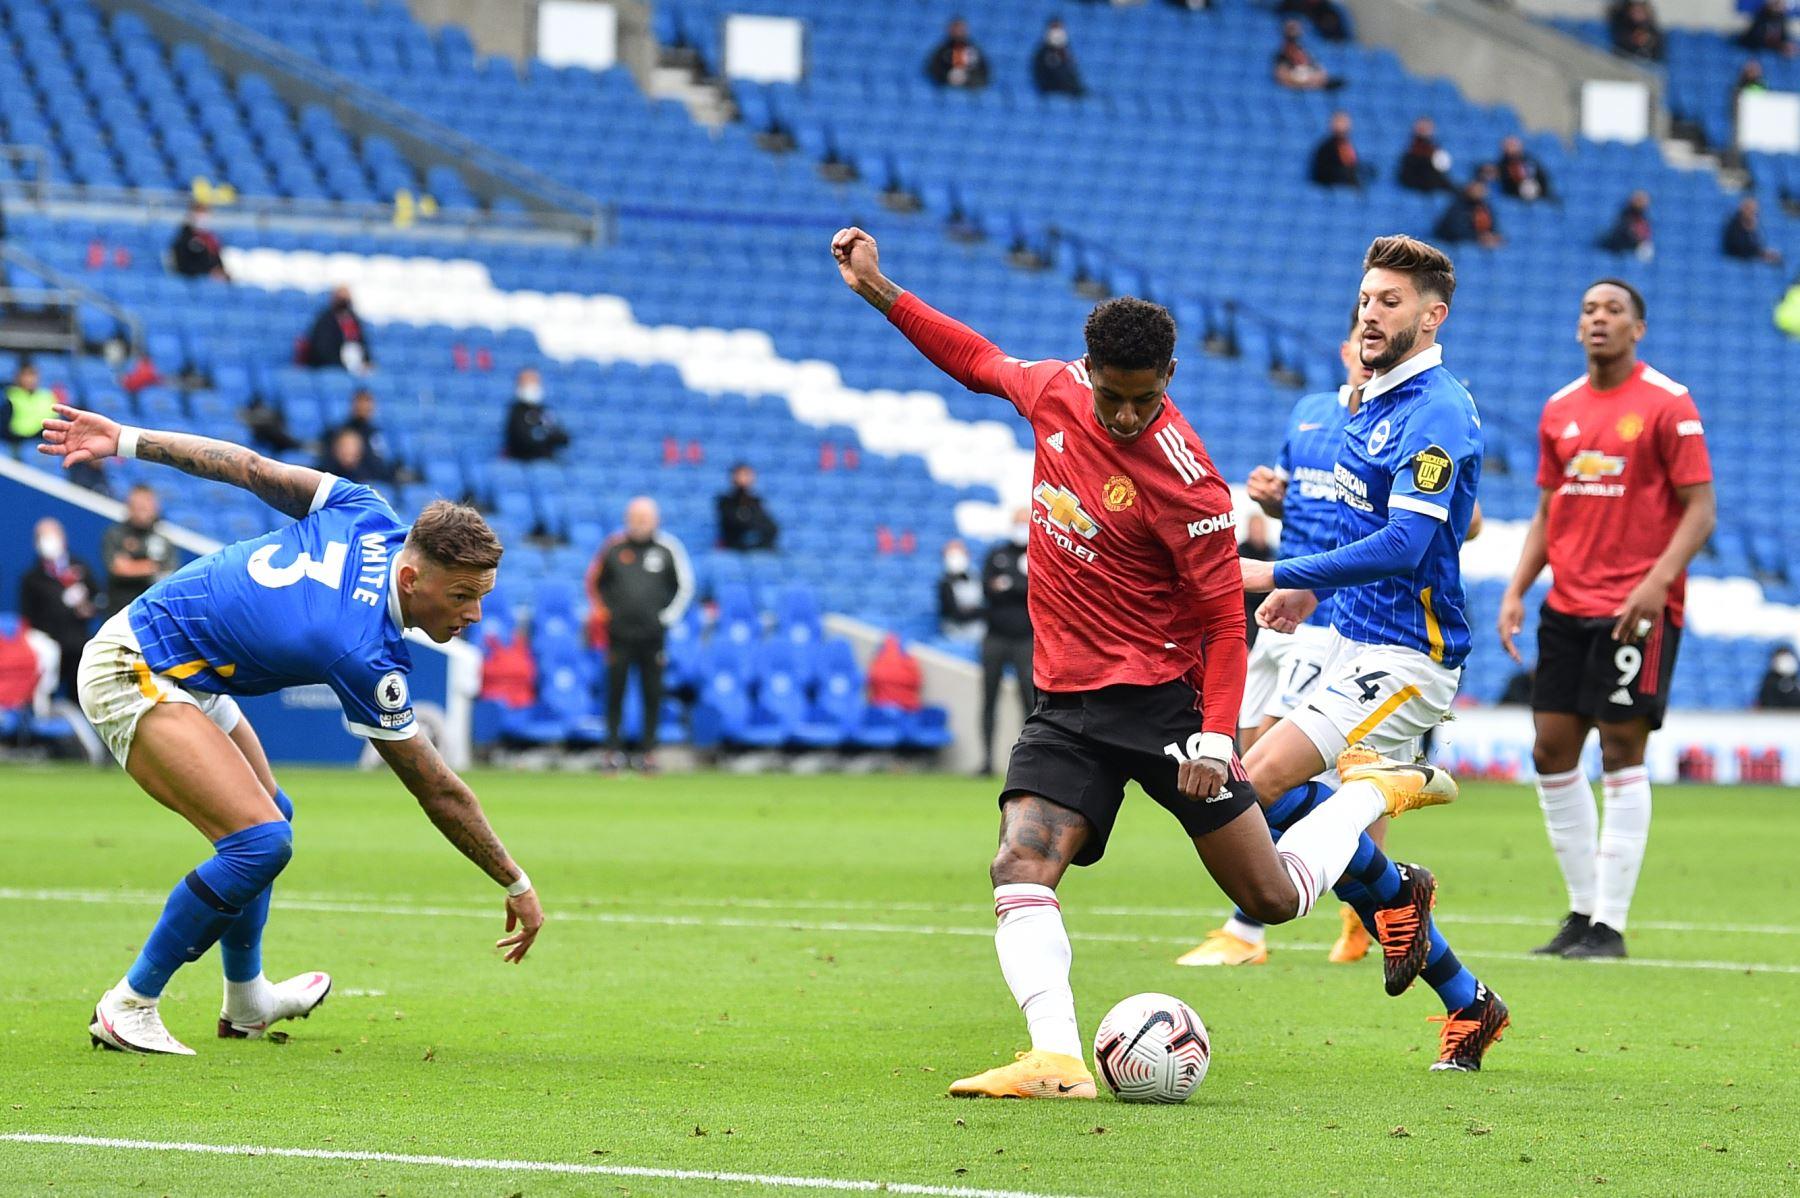 El delantero inglés del Manchester United, Marcus Rashford, anota el segundo gol de su equipo durante el partido de fútbol de la Premier League en el American Express Community Stadium. Foto: AFP